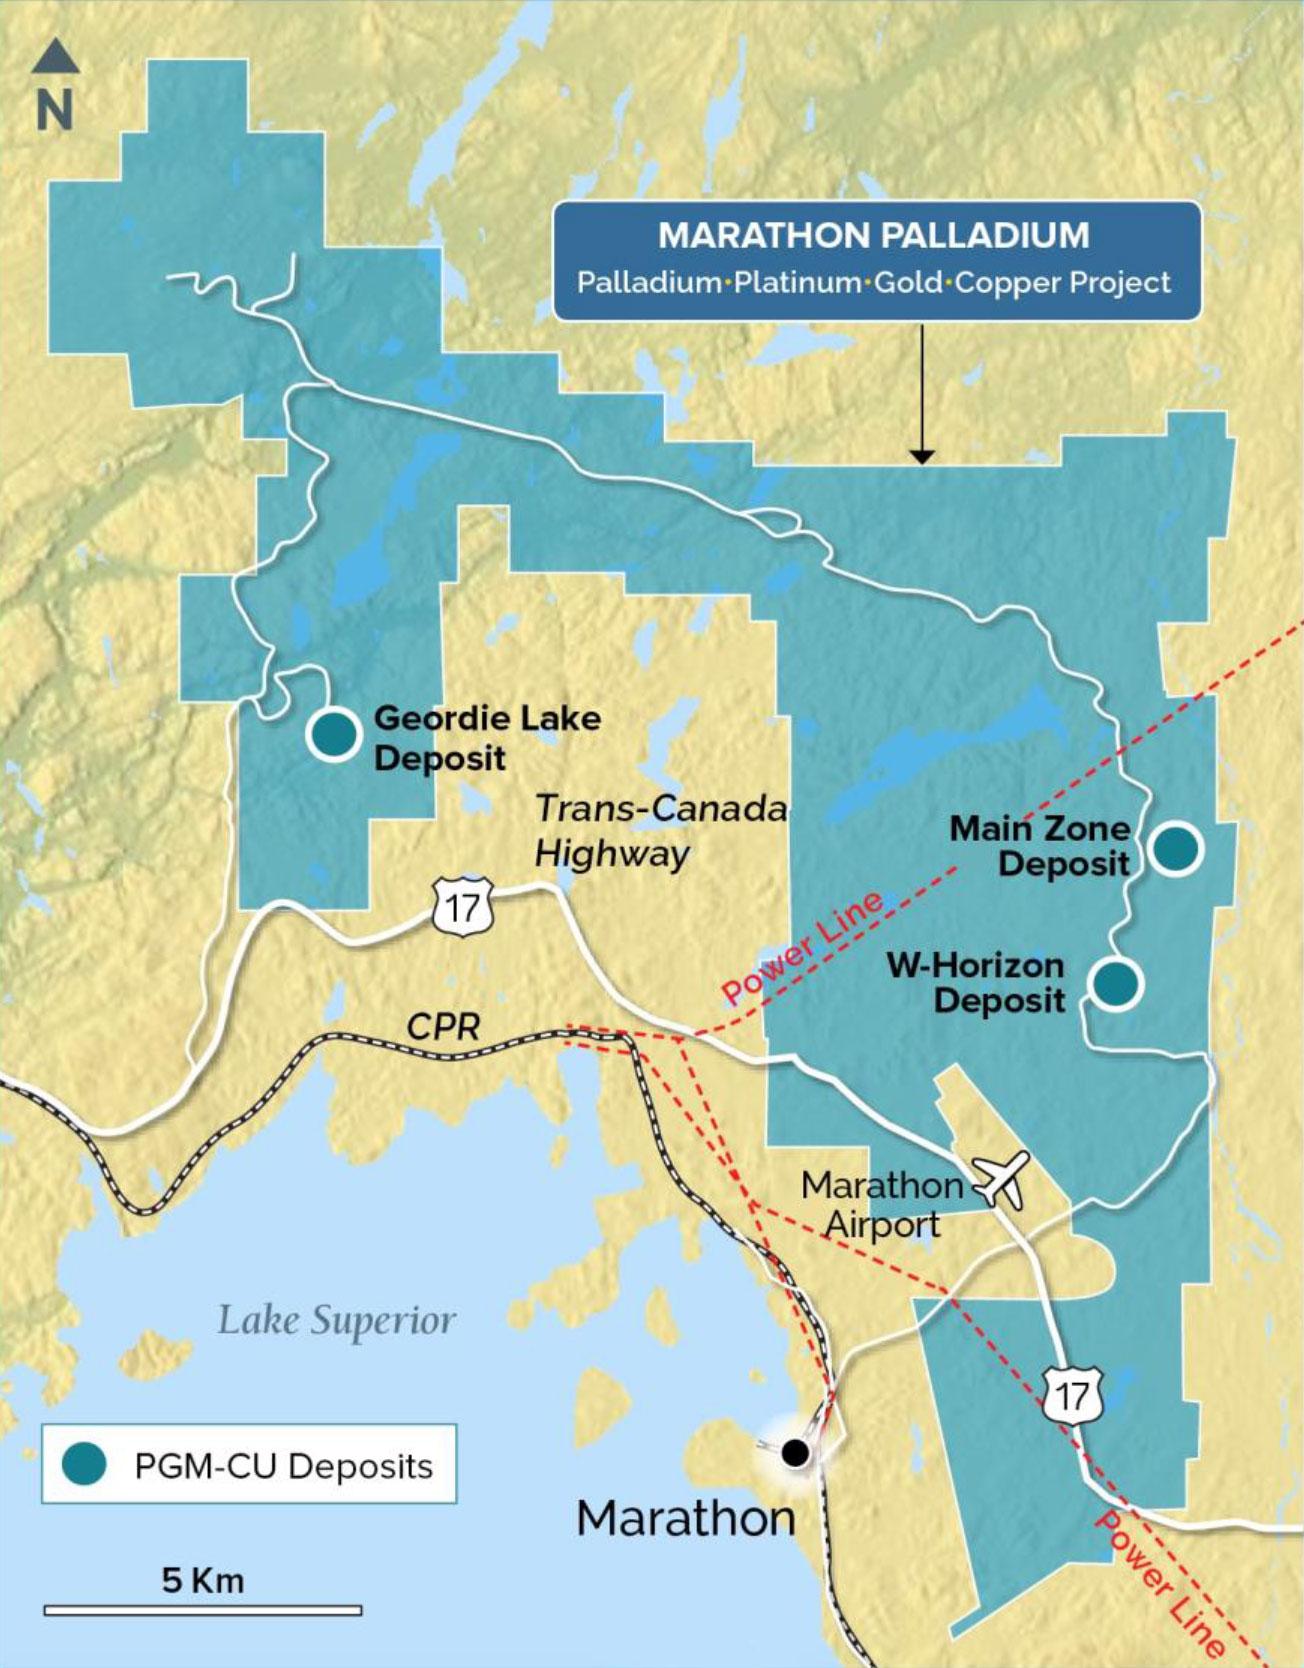 Marathon Infrastructure